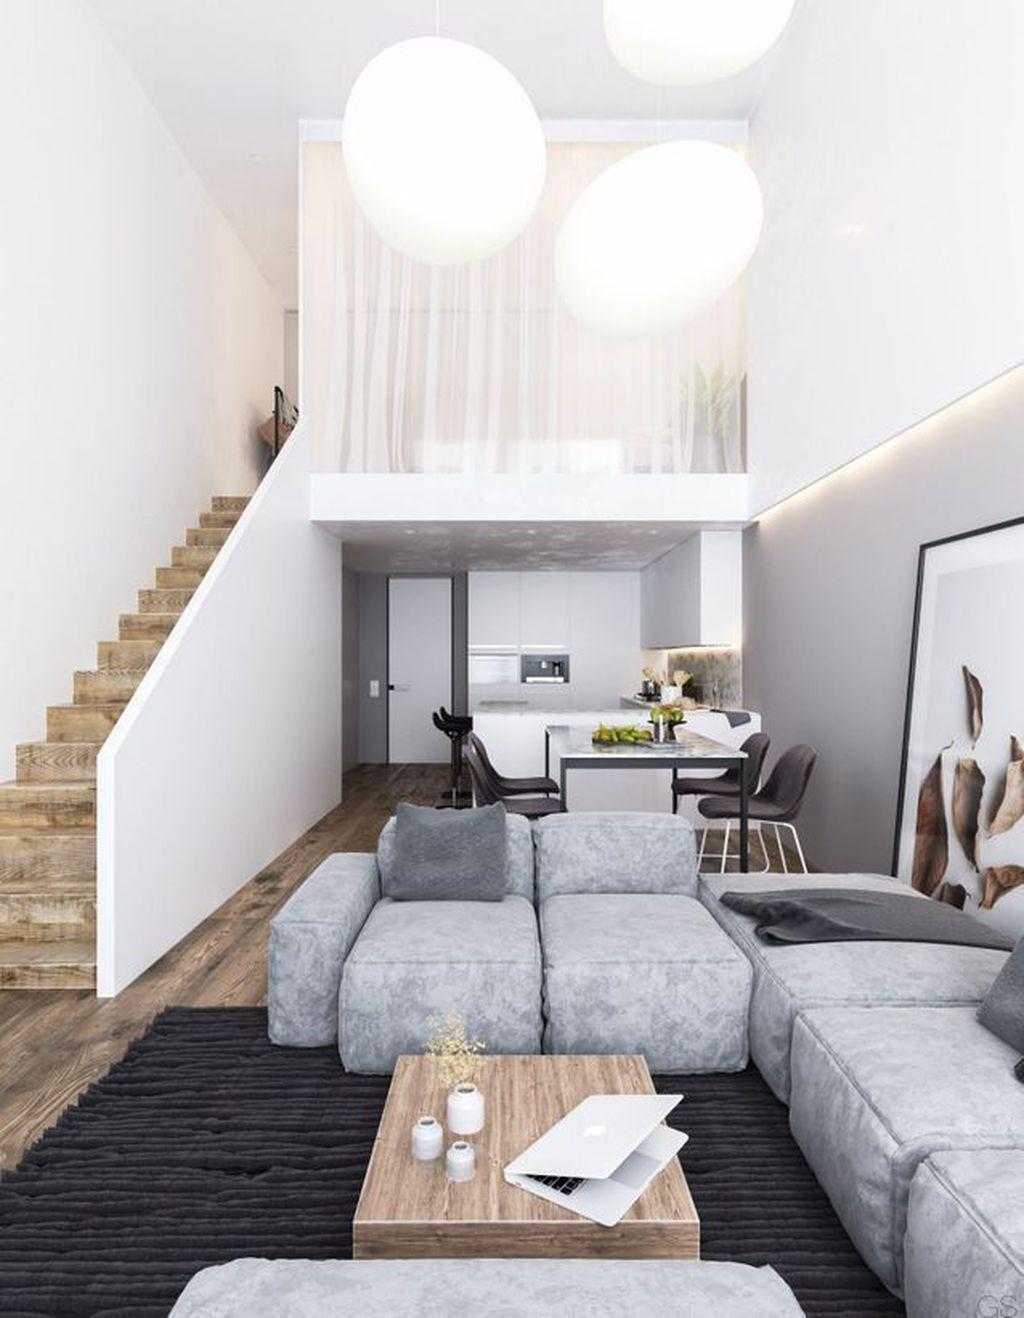 Arredamenti Interni Case Moderne 43 hottest loft home décor ideas to inspire nel 2020 | casa